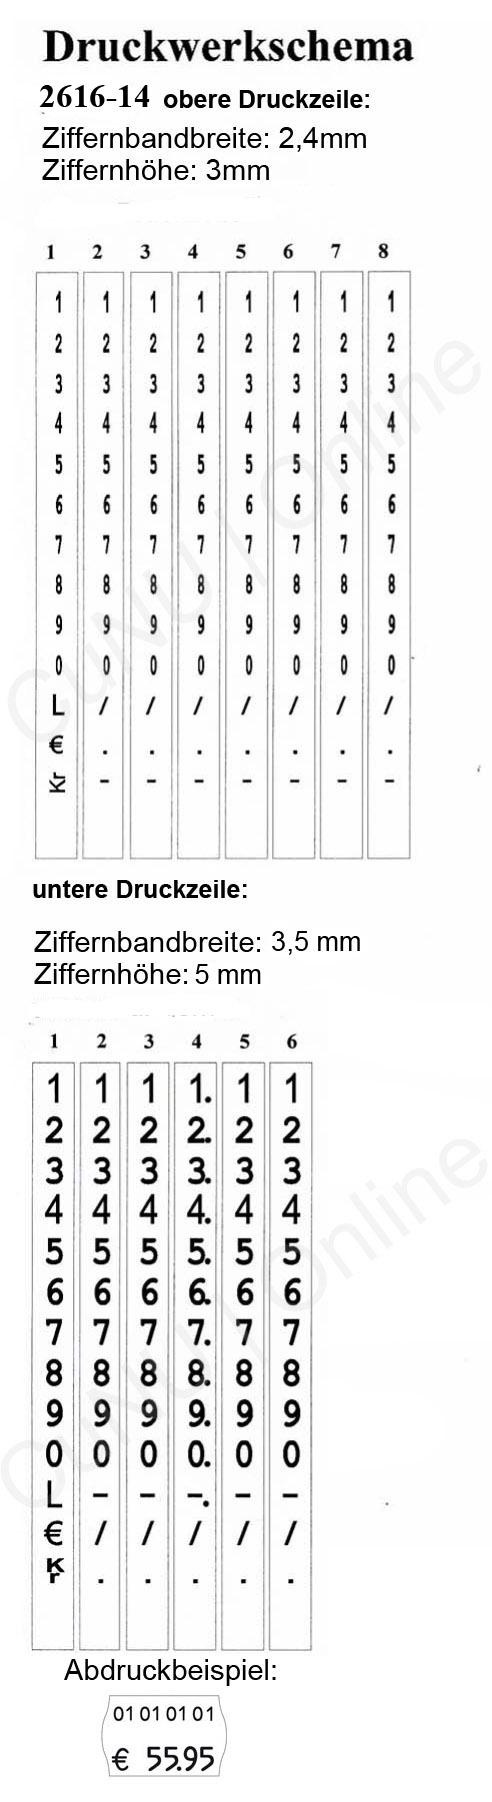 Preisauszeichner contact premium 26.16-14